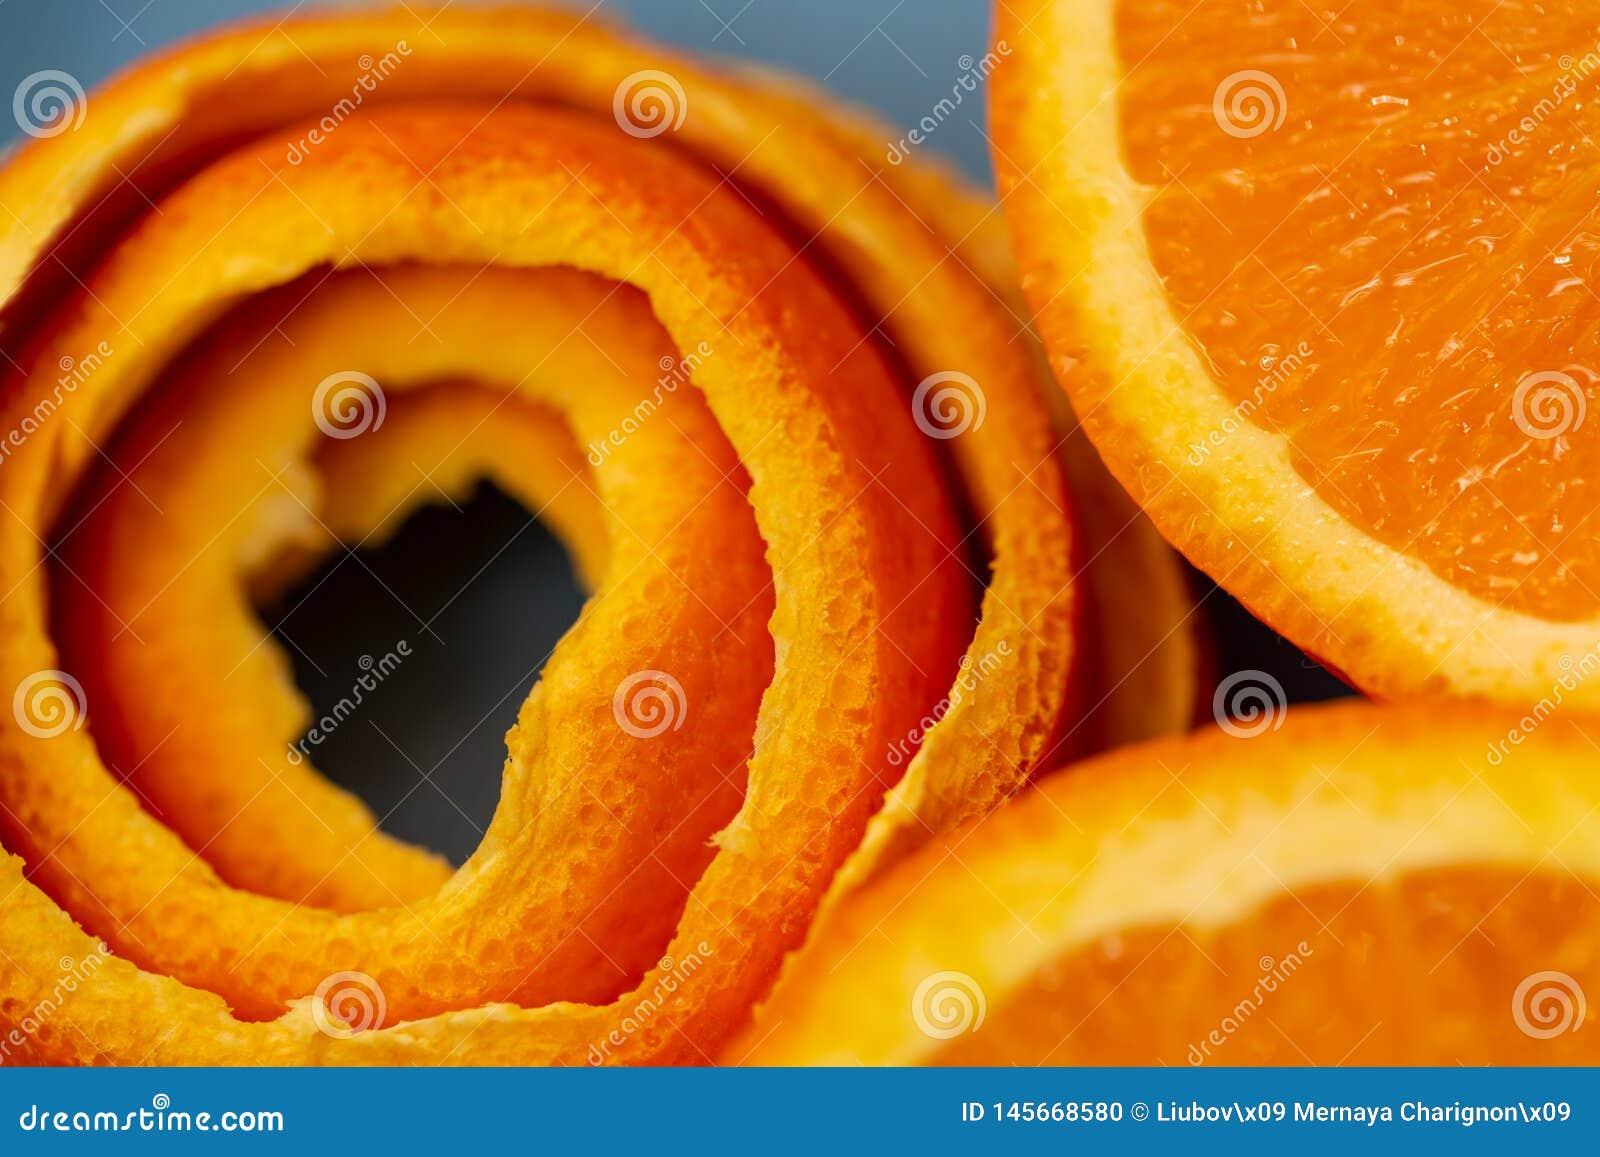 Fundo com citrino dos frutos uma laranja e uma casca ou partes de tangerina Libera??o nova c?dula remodelada do d?lar